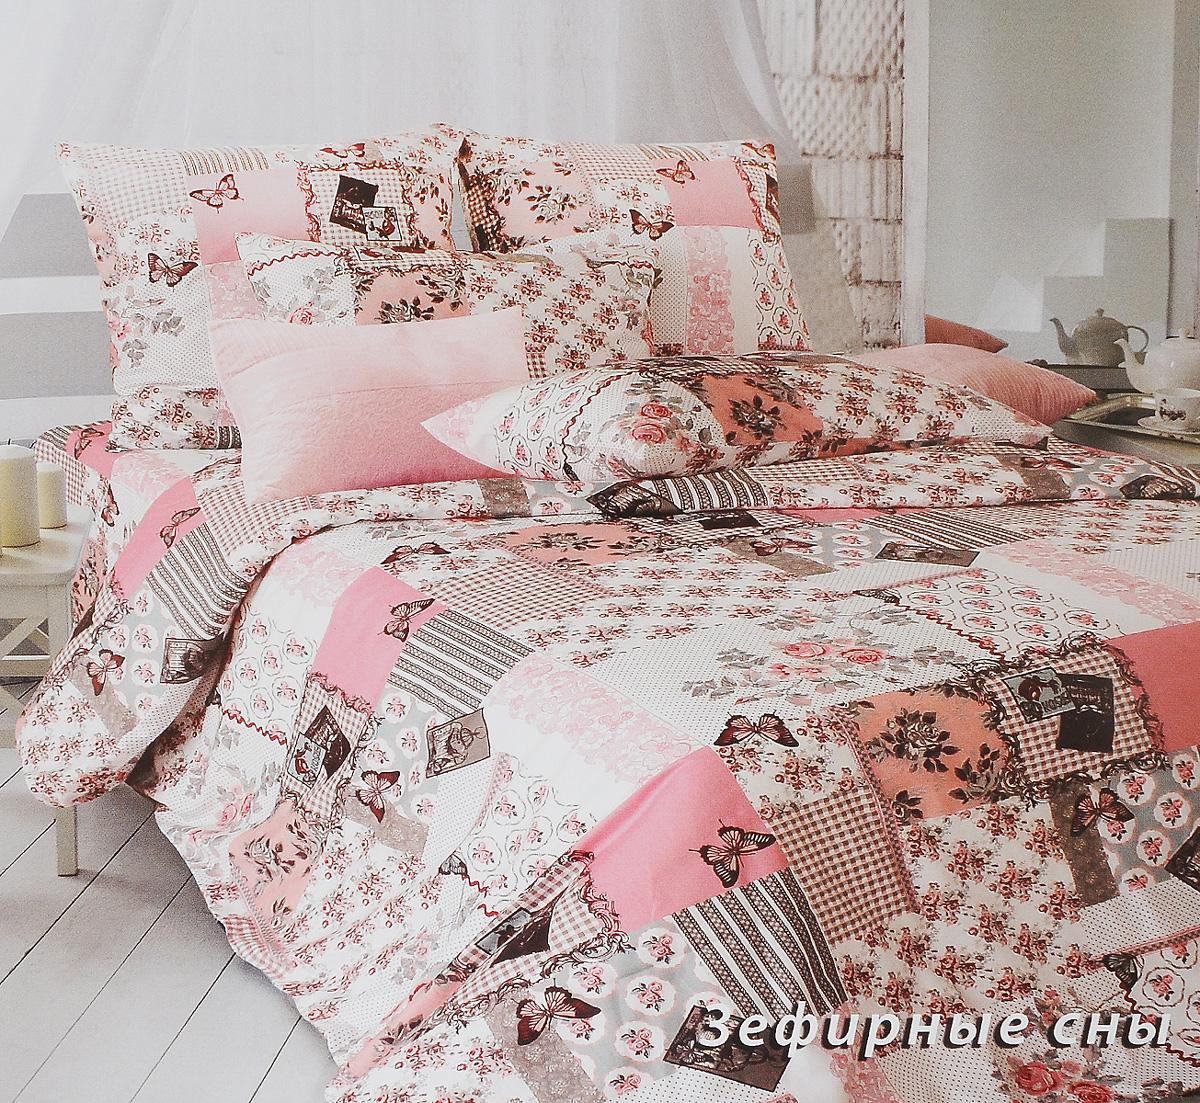 Комплект белья Tiffanys Secret Зефирные сны, 1,5-спальный, наволочки 50х70, цвет: розовый, белый, темно-коричневый2040115958Комплект постельного белья Tiffanys Secret Зефирные сны является экологически безопасным для всей семьи, так как выполнен из сатина (100% хлопок). Комплект состоит из пододеяльника, простыни и двух наволочек. Предметы комплекта оформлены оригинальным рисунком. Благодаря такому комплекту постельного белья вы сможете создать атмосферу уюта и комфорта в вашей спальне. Сатин - это ткань, навсегда покорившая сердца человечества. Ценившие роскошь персы называли ее атлас, а искушенные в прекрасном французы - сатин. Секрет высококачественного сатина в безупречности всего технологического процесса. Эту благородную ткань делают только из отборной натуральной пряжи, которую получают из самого лучшего тонковолокнистого хлопка. Благодаря использованию самой тонкой хлопковой нити получается необычайно мягкое и нежное полотно. Сатиновое постельное белье превращает жаркие летние ночи в прохладные и освежающие, а холодные зимние - в теплые и согревающие. ...